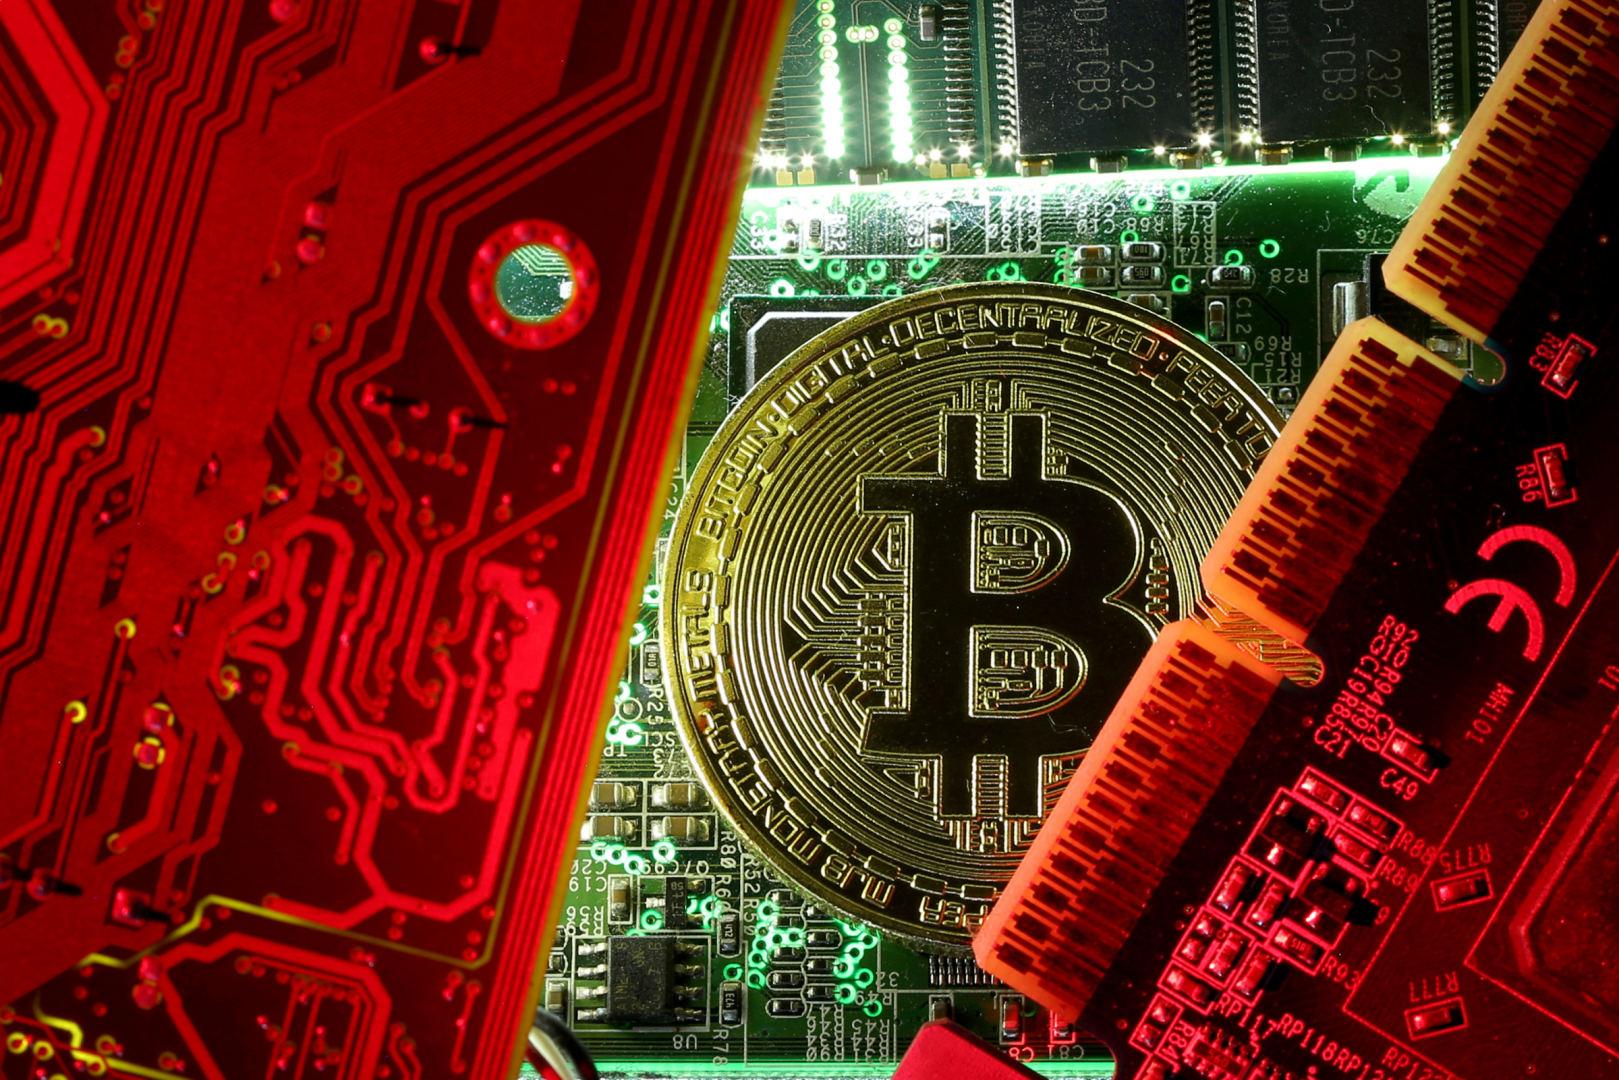 anonimiškai prekiauti bitkoinais kriptovaliuta prekiauja